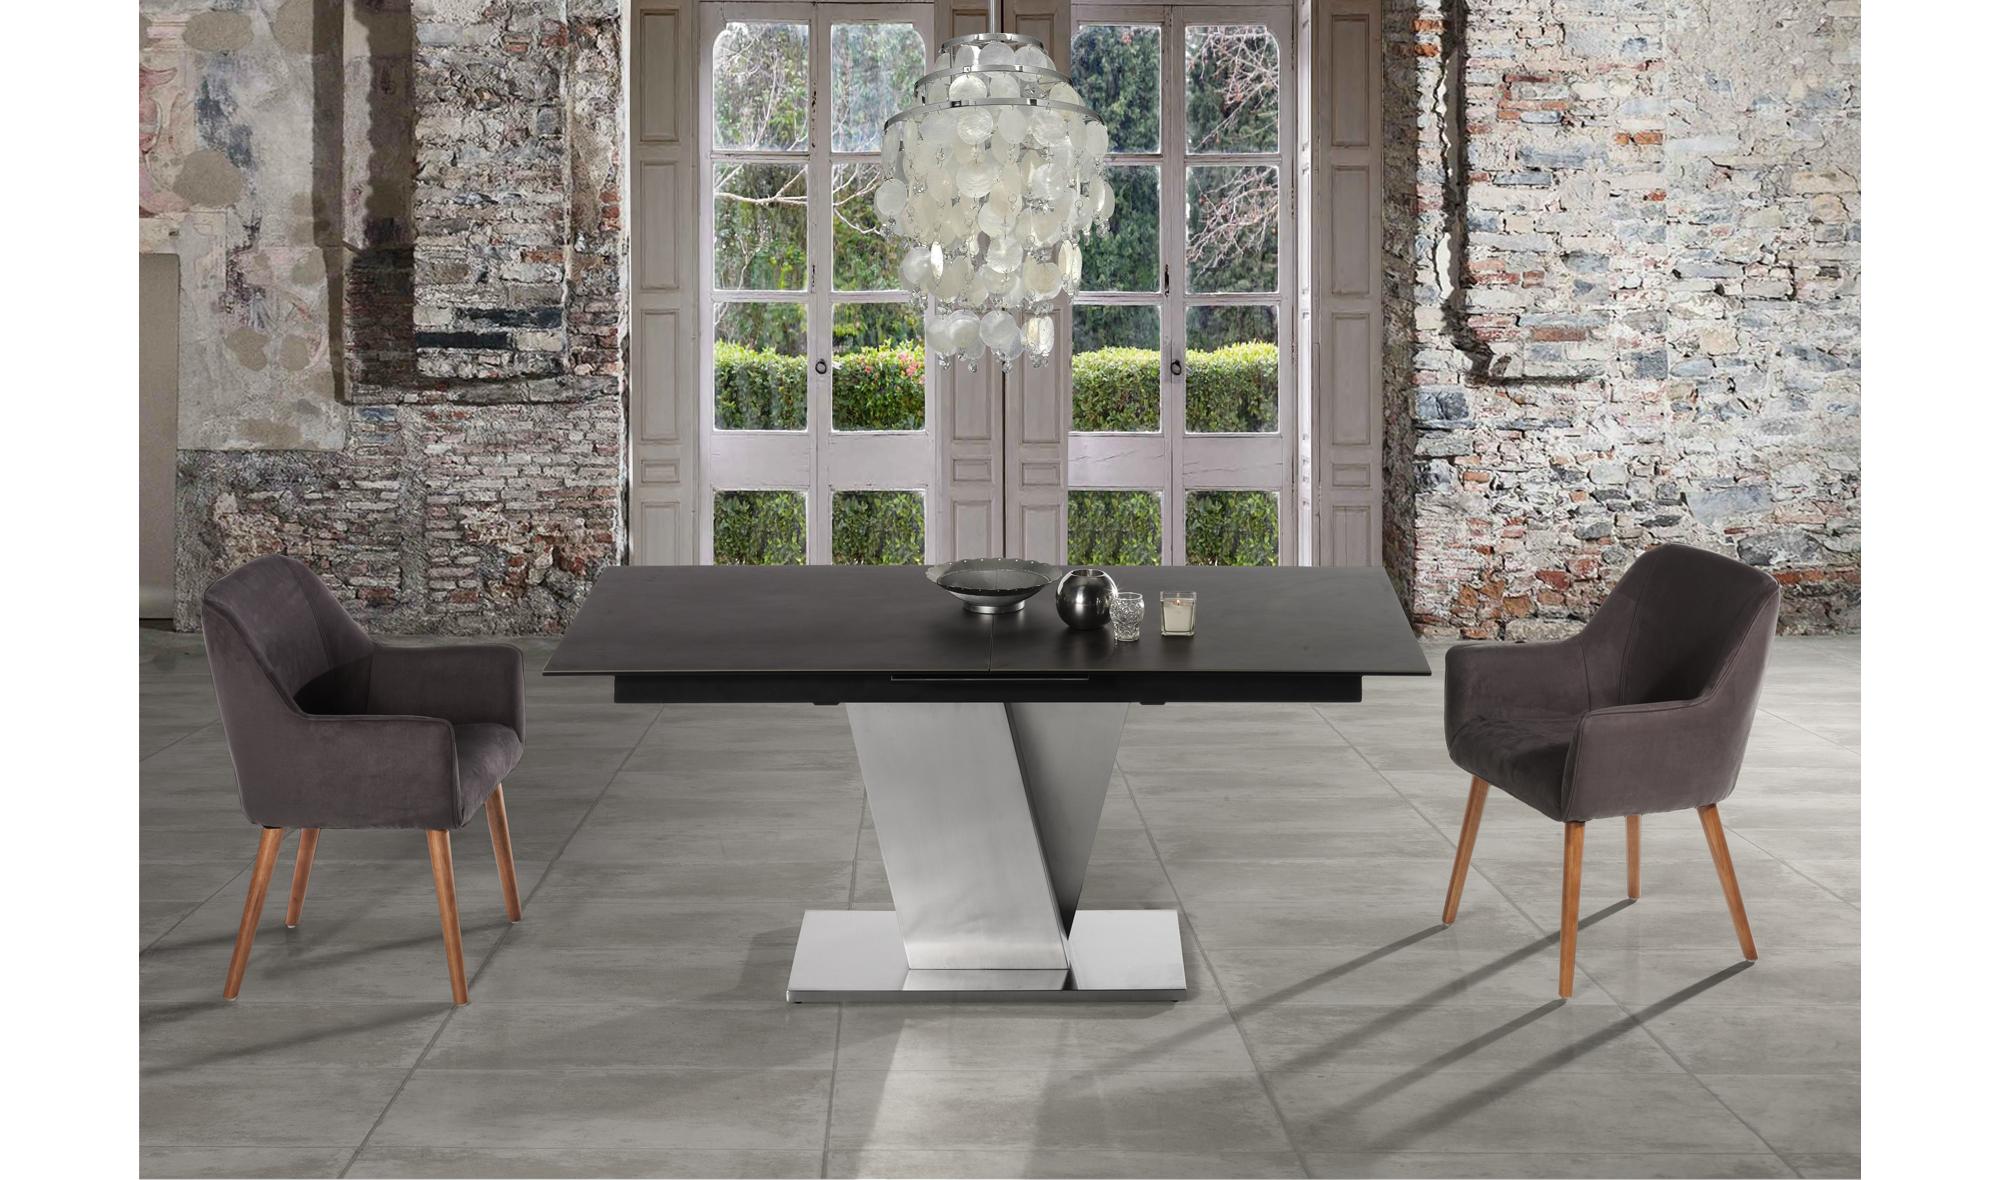 Mesa de comedor extensible moderna nina en - Mesas de comedor modernas italianas ...